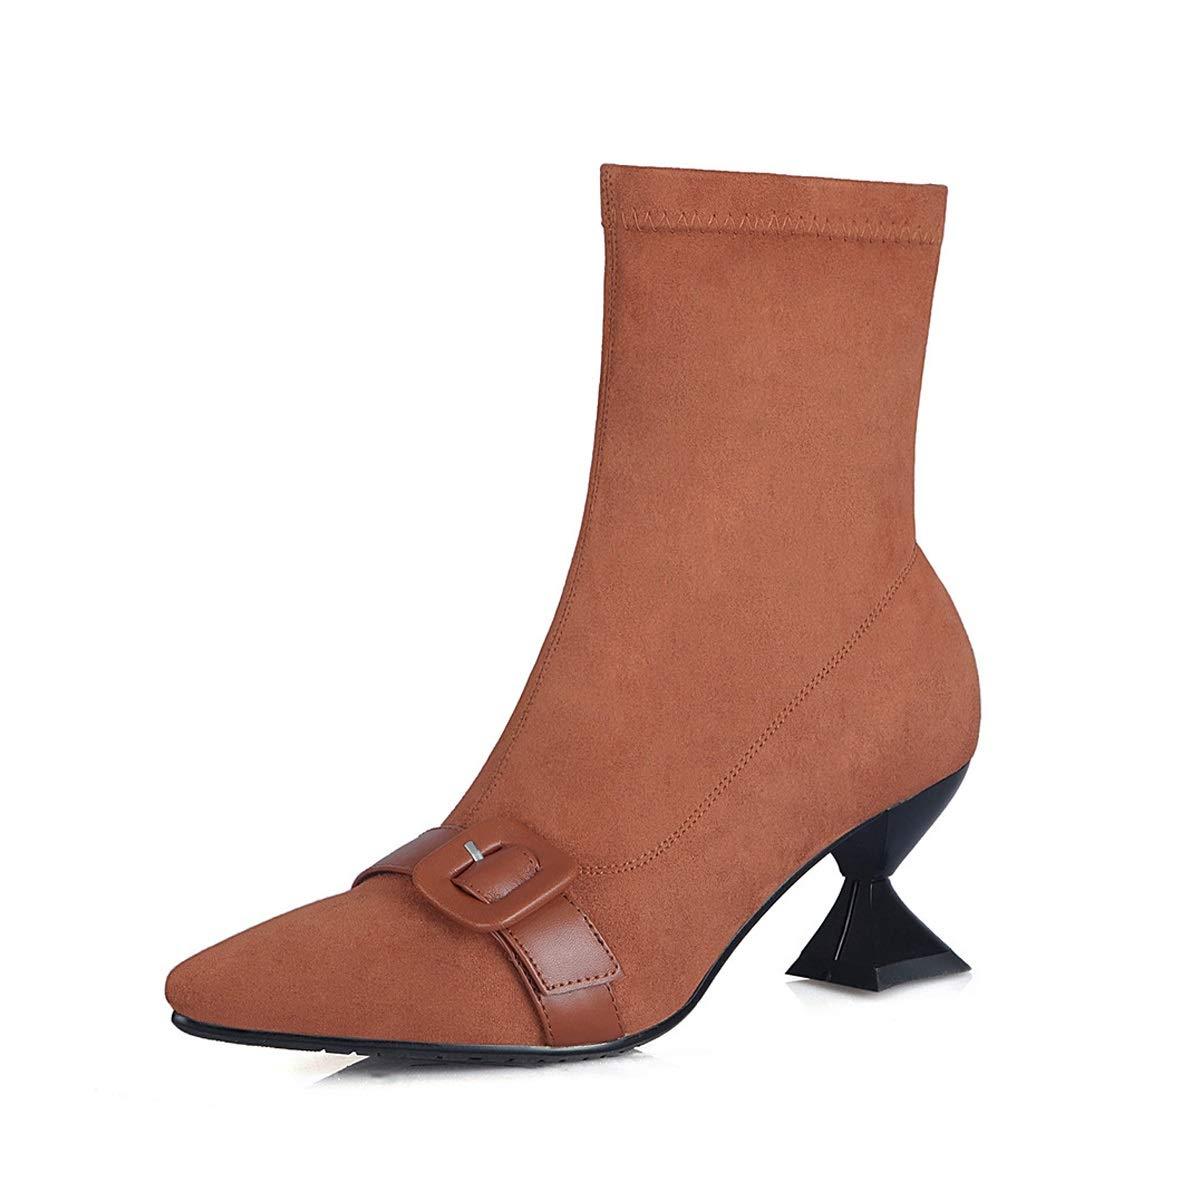 Damenstiefeletten, Herbst Winter High Heel Martin Stiefel Damen Leder Leder Leder Mid Heel Thick Heel Fashion Stiefel (Farbe   B, Größe   39) 3a5f61